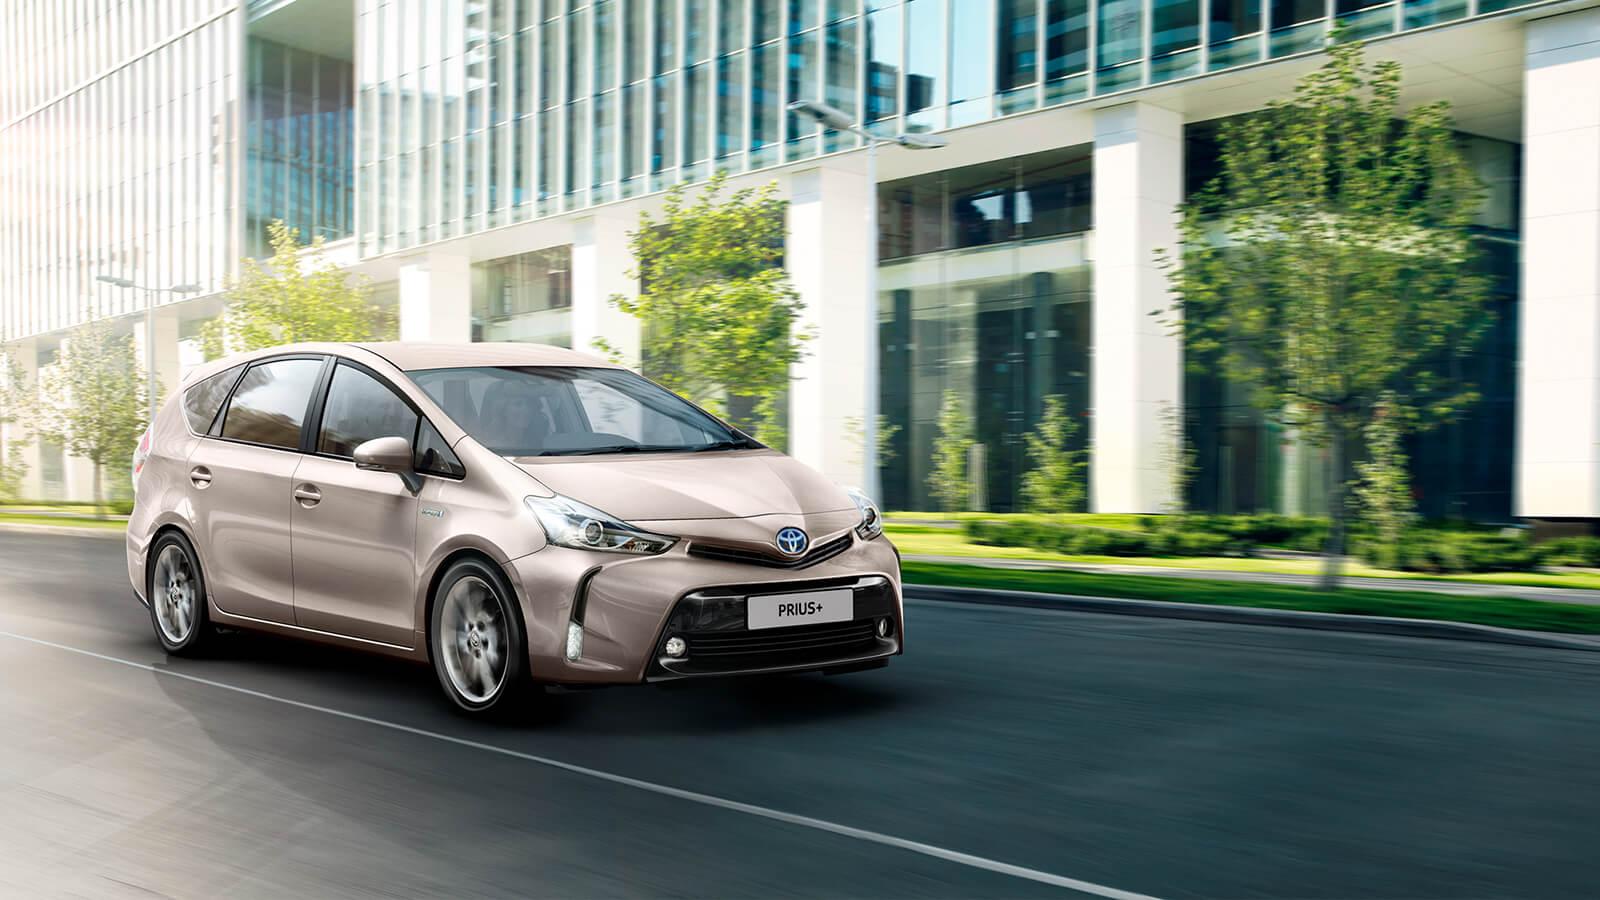 ברצינות רכב 7 מקומות - איכות, נוחות ובטיחות לכל המשפחה | Toyota KX-92